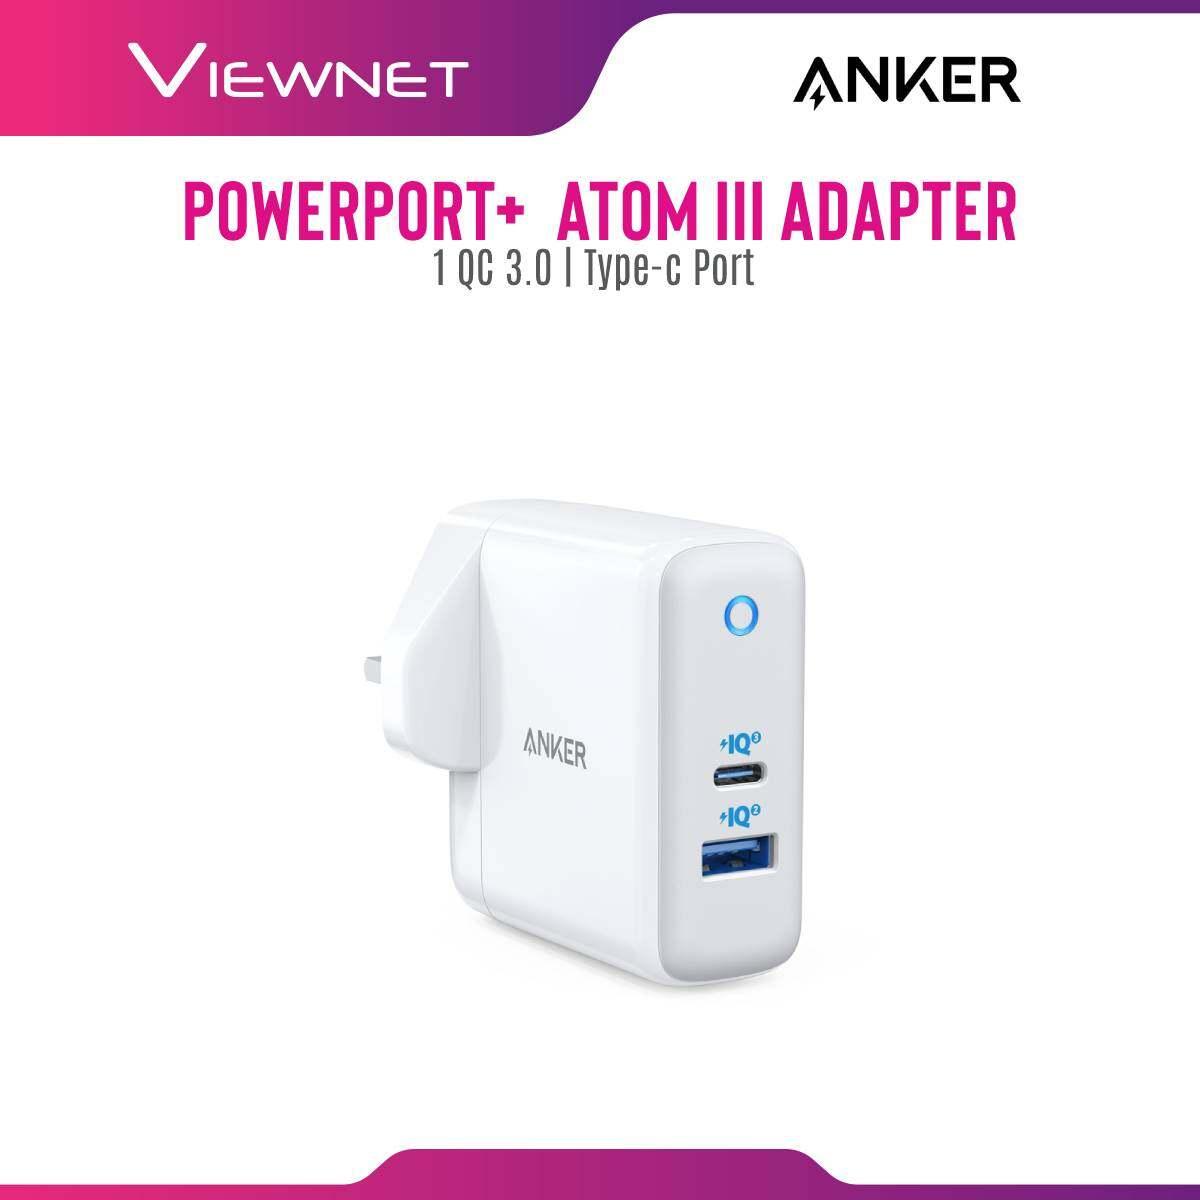 Anker PowerPort+ Atom III 1-QC 3.0 + 1 Type-c Port Adapter